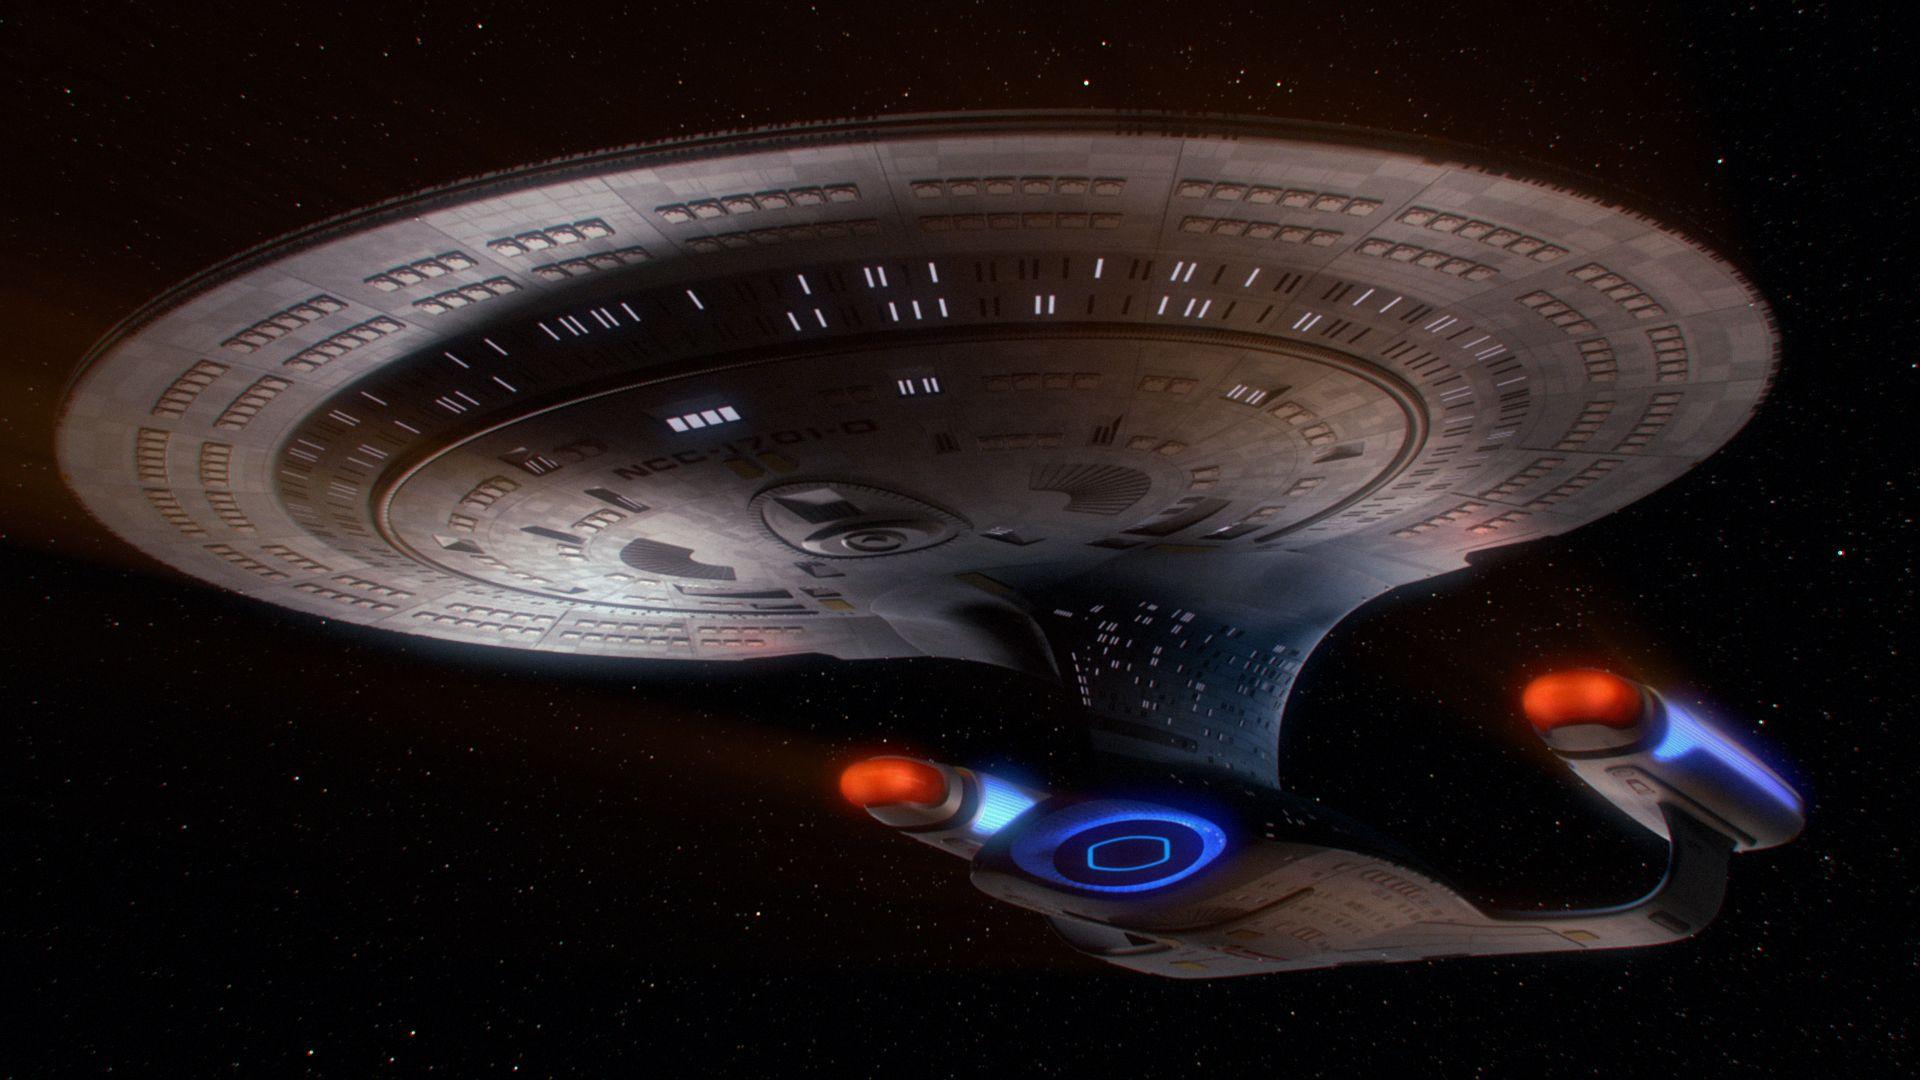 Uss enterprise ncc 1701 d galaxy class saucer separation r flickr - Enterprise D